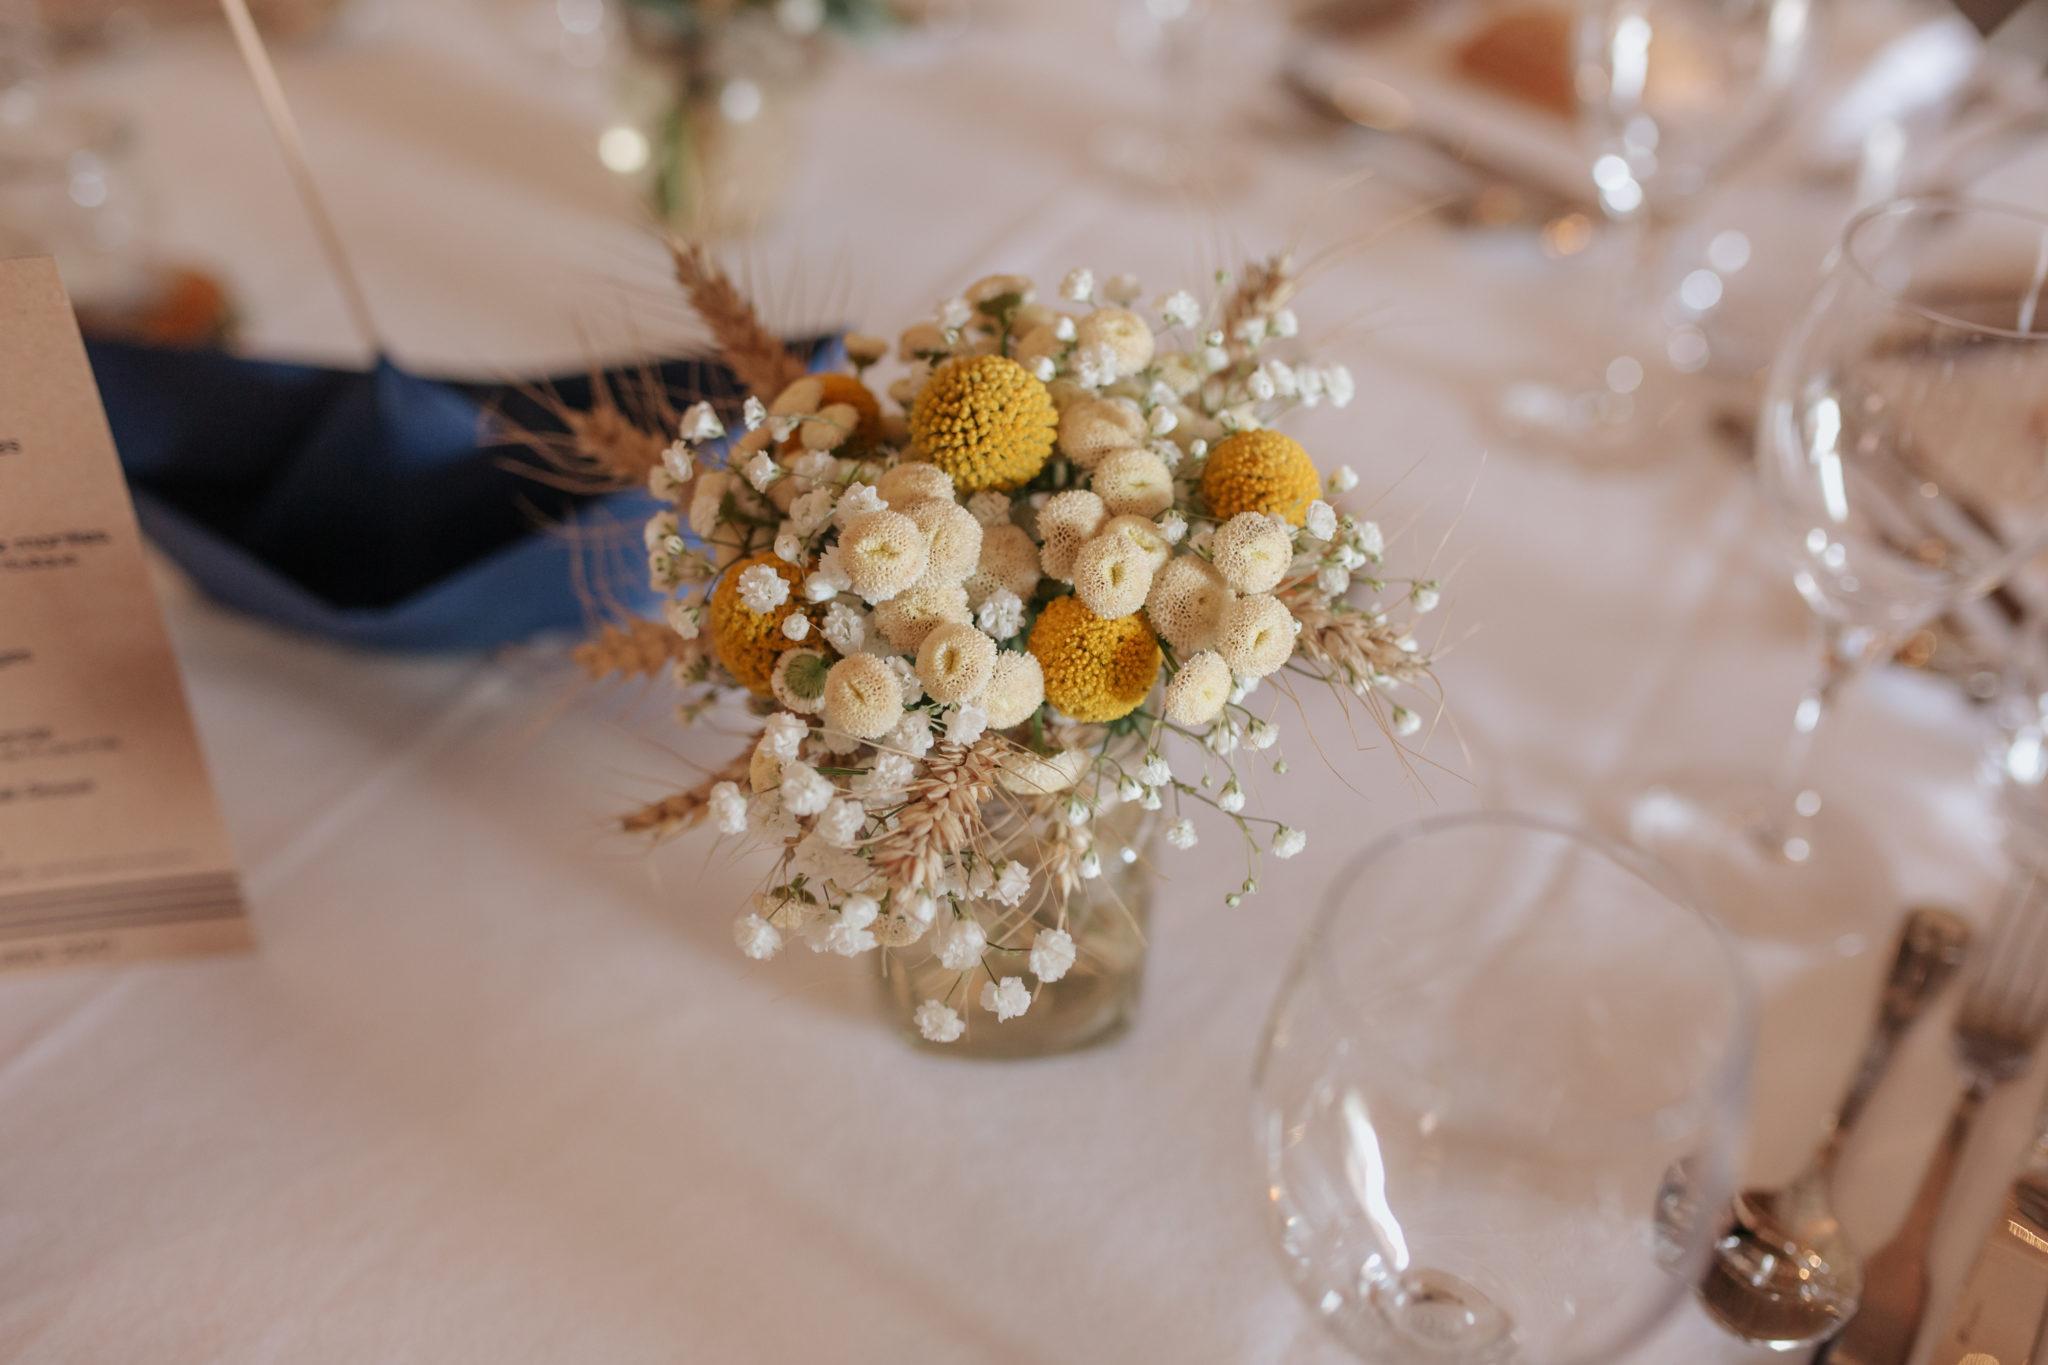 Bouquet centre de table fleurs jaunes et blanches Manoir Ango Varengeville sur Mer